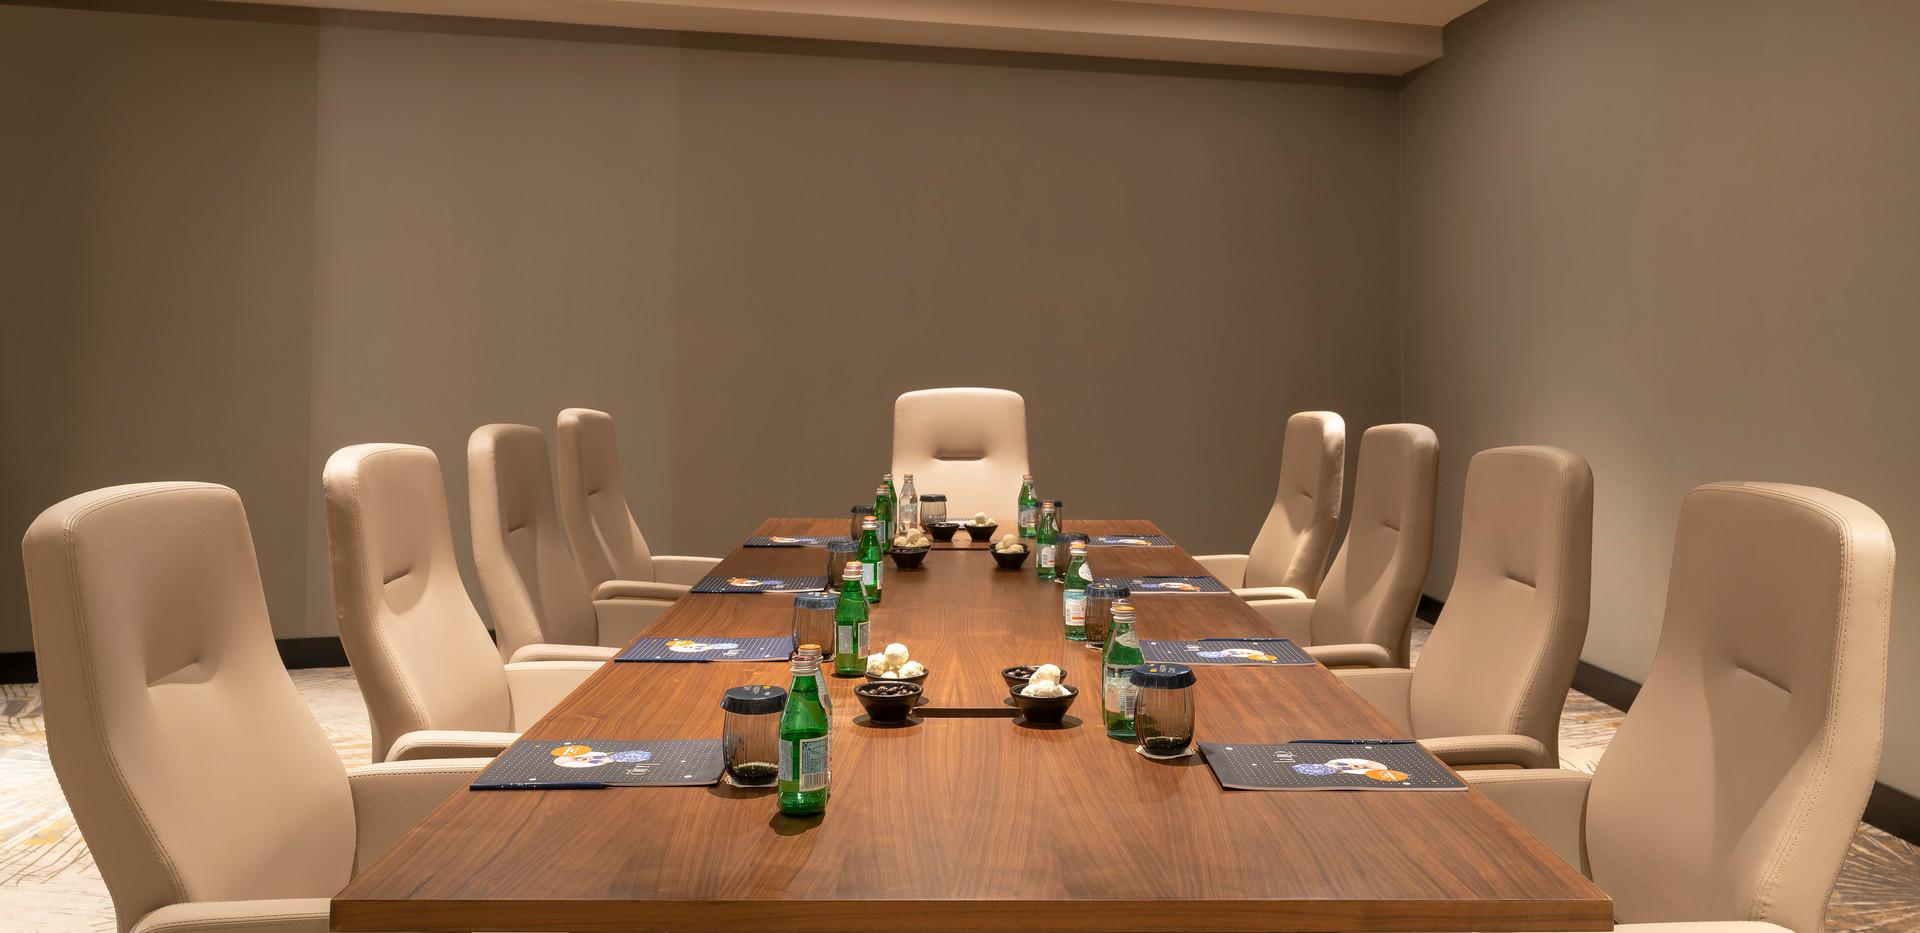 Meeting Room - 06.jpg